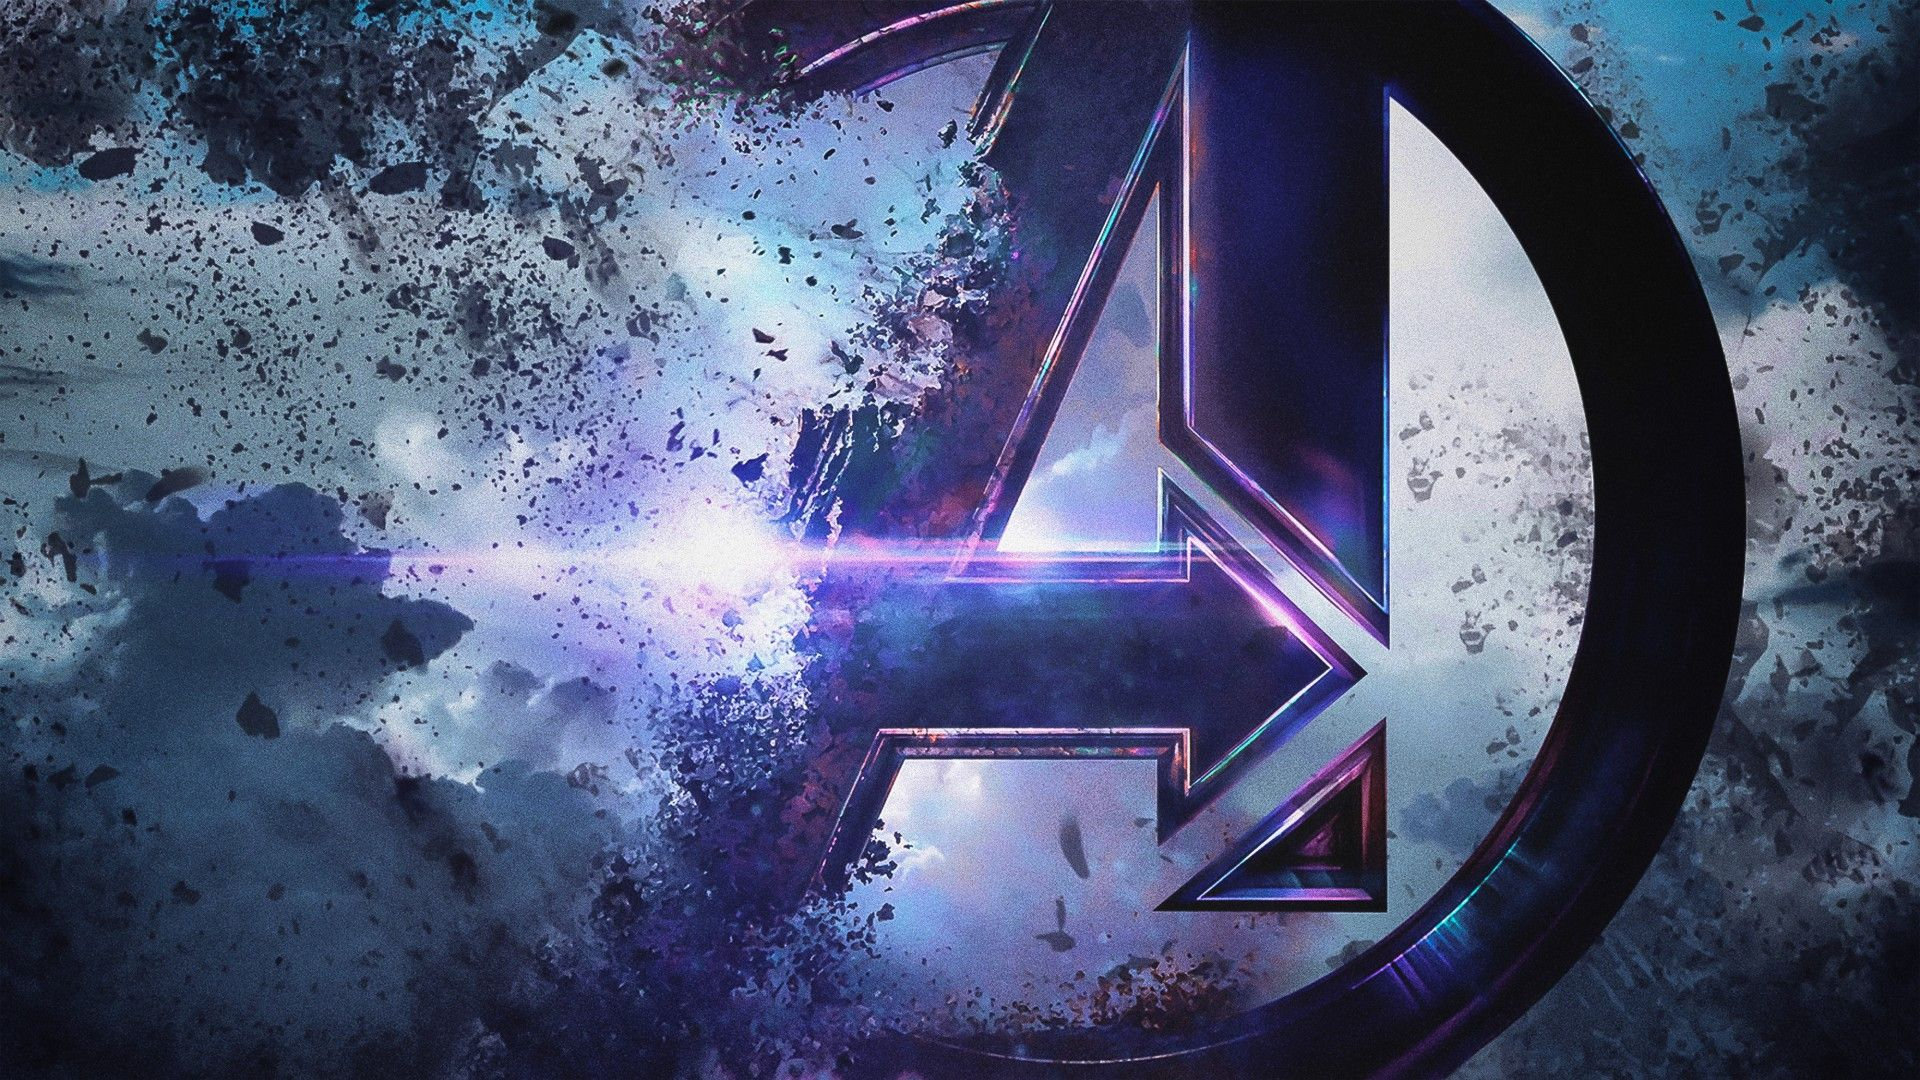 Avengers Endgame Wallpaper Elegant Avengers Endgame Logo